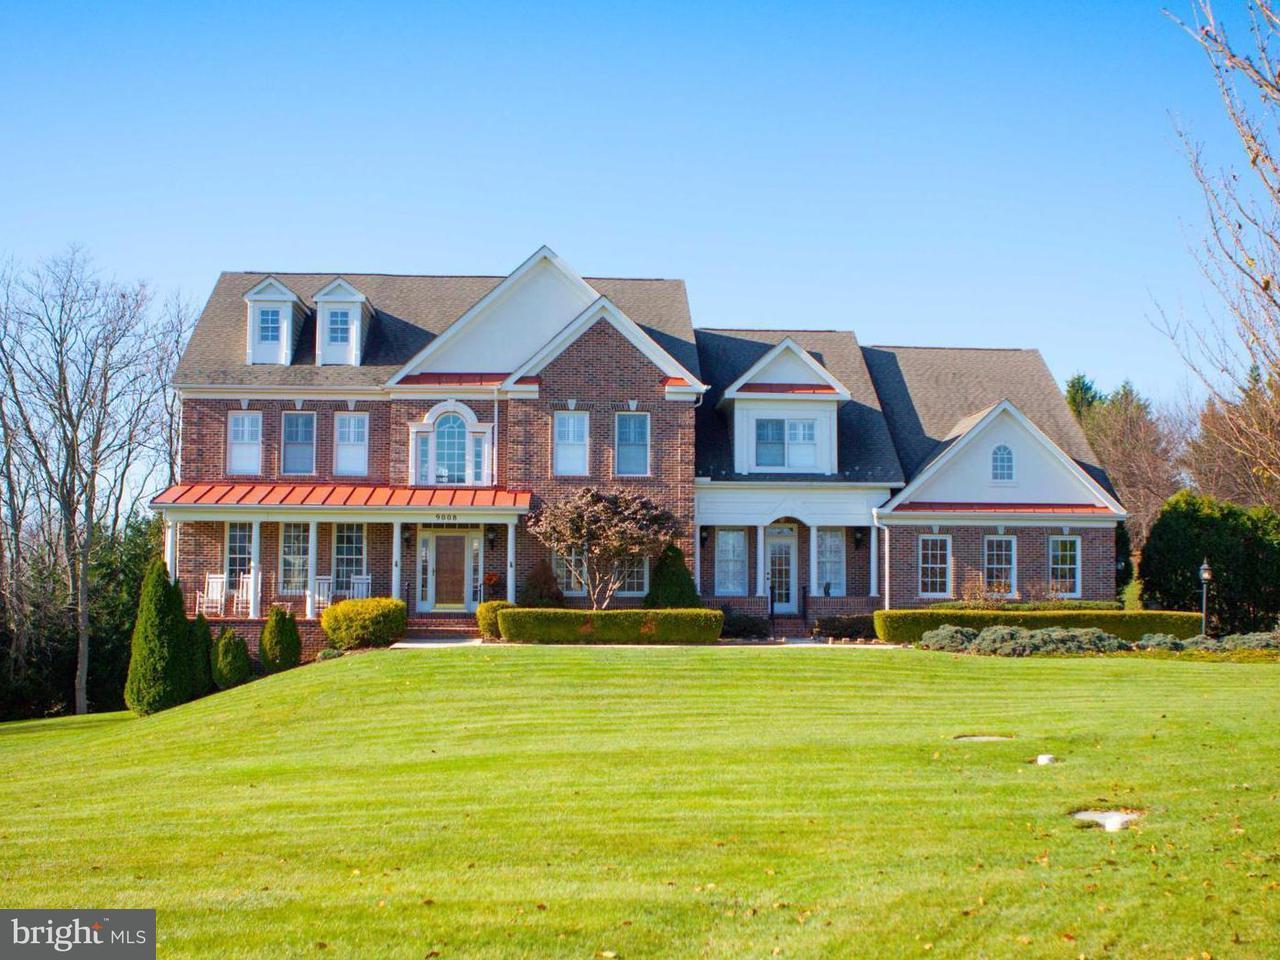 Частный односемейный дом для того Продажа на 9008 Cynthia Court 9008 Cynthia Court Boonsboro, Мэриленд 21713 Соединенные Штаты